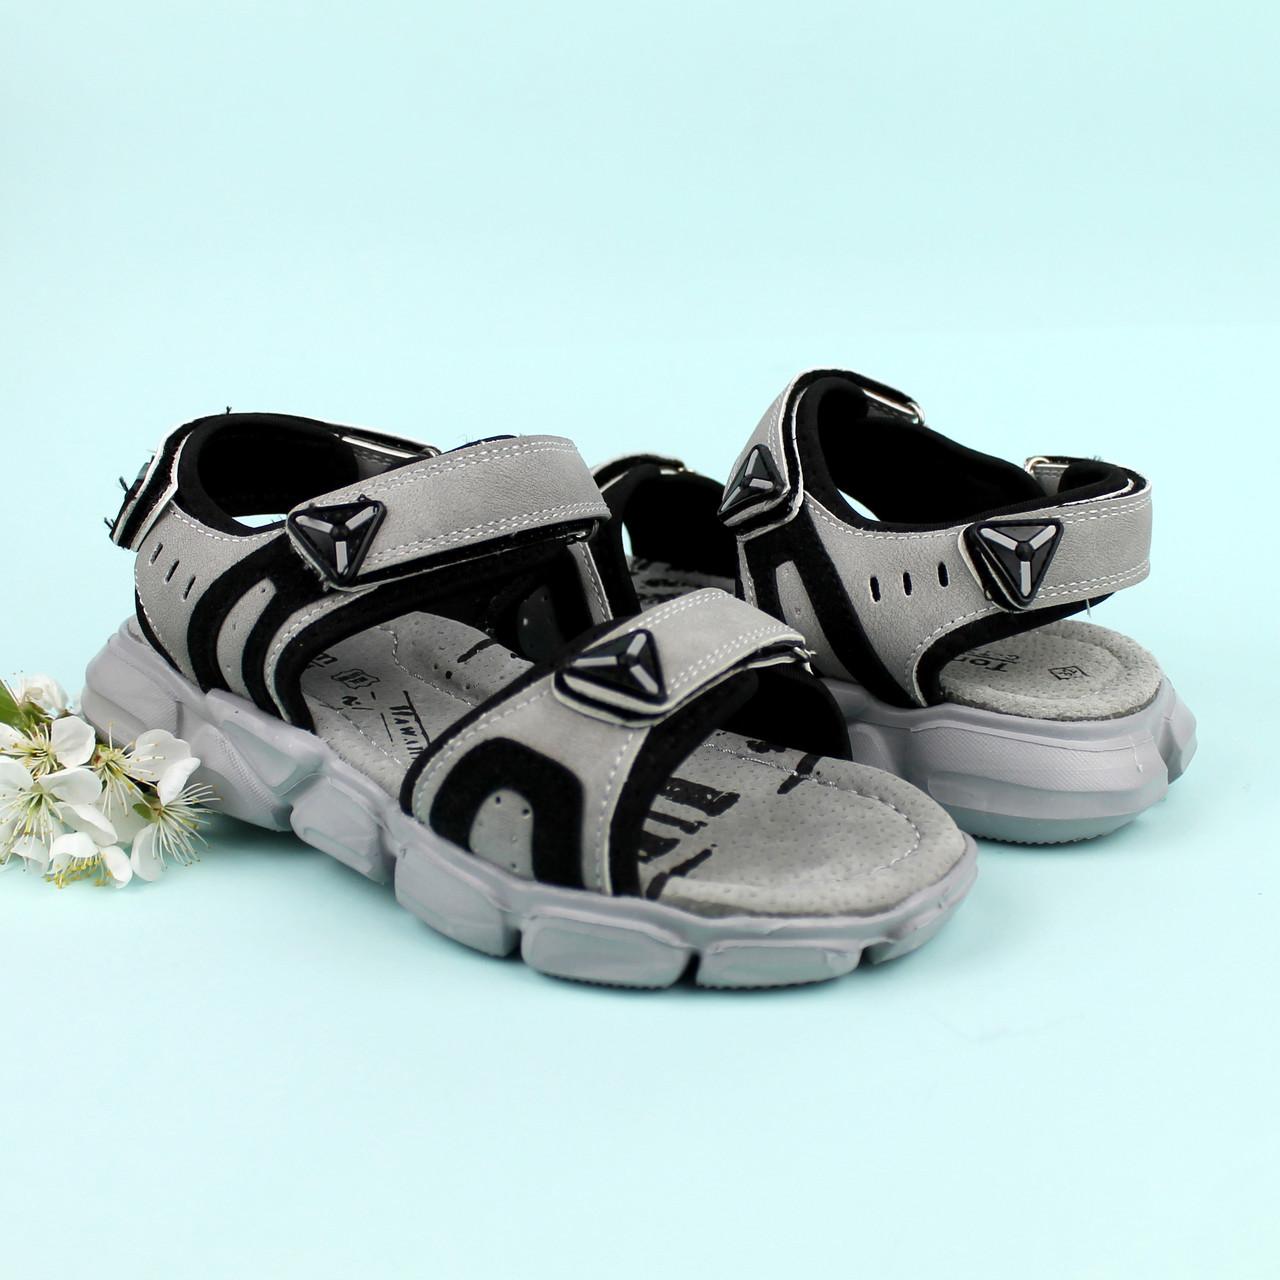 Босоножки подростковые спортивные открытый носок на мальчика Том.м размер 34,35,37